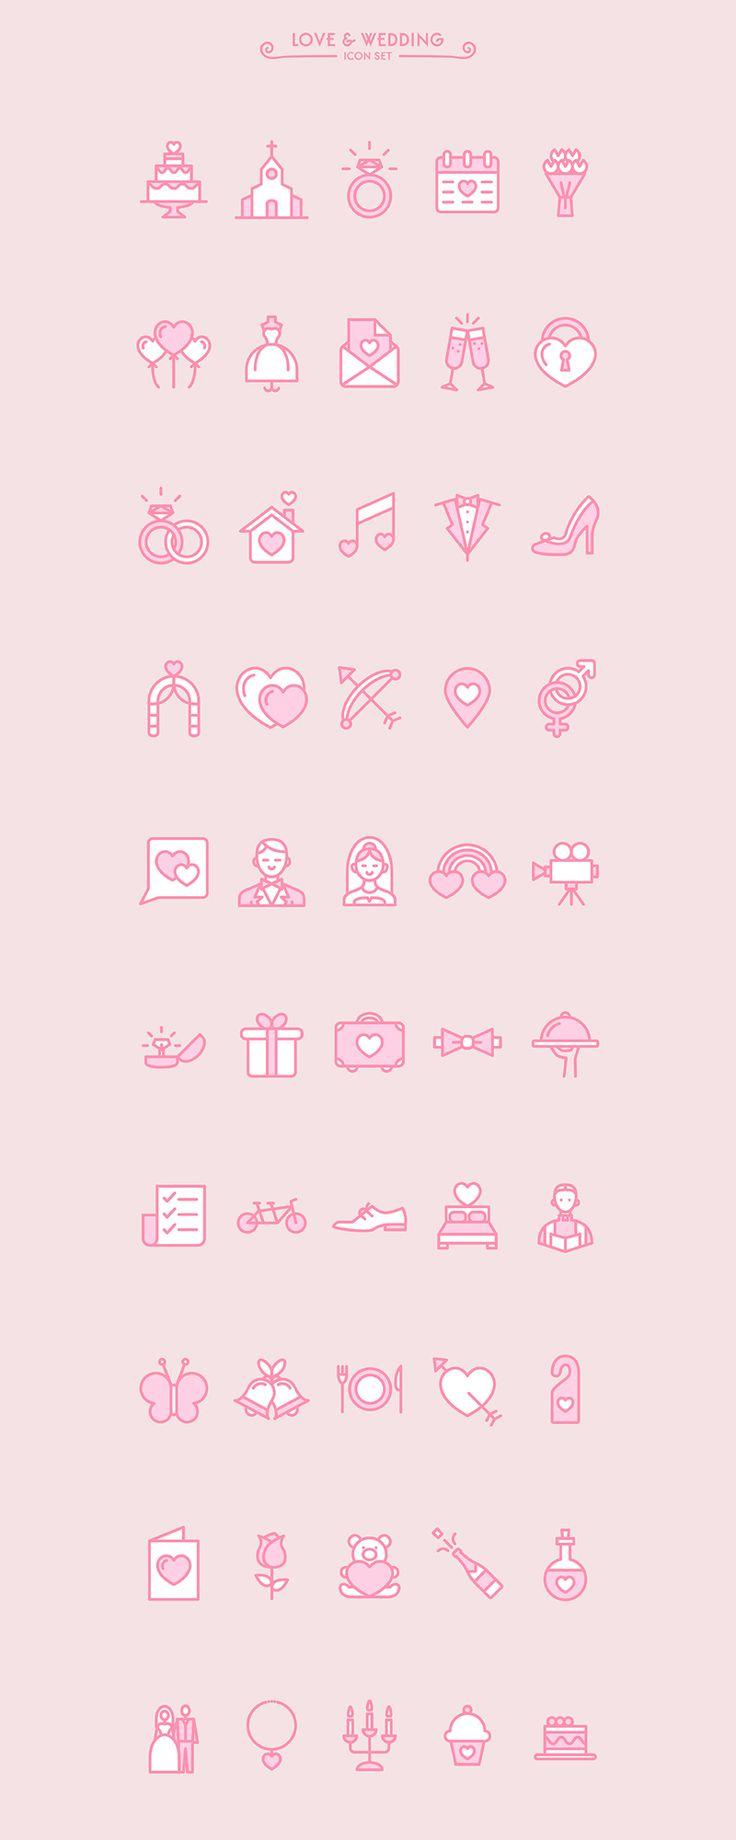 結婚式をテーマにした50種類のアイコンセット「Love & Wedding icon set」 | NxWorld